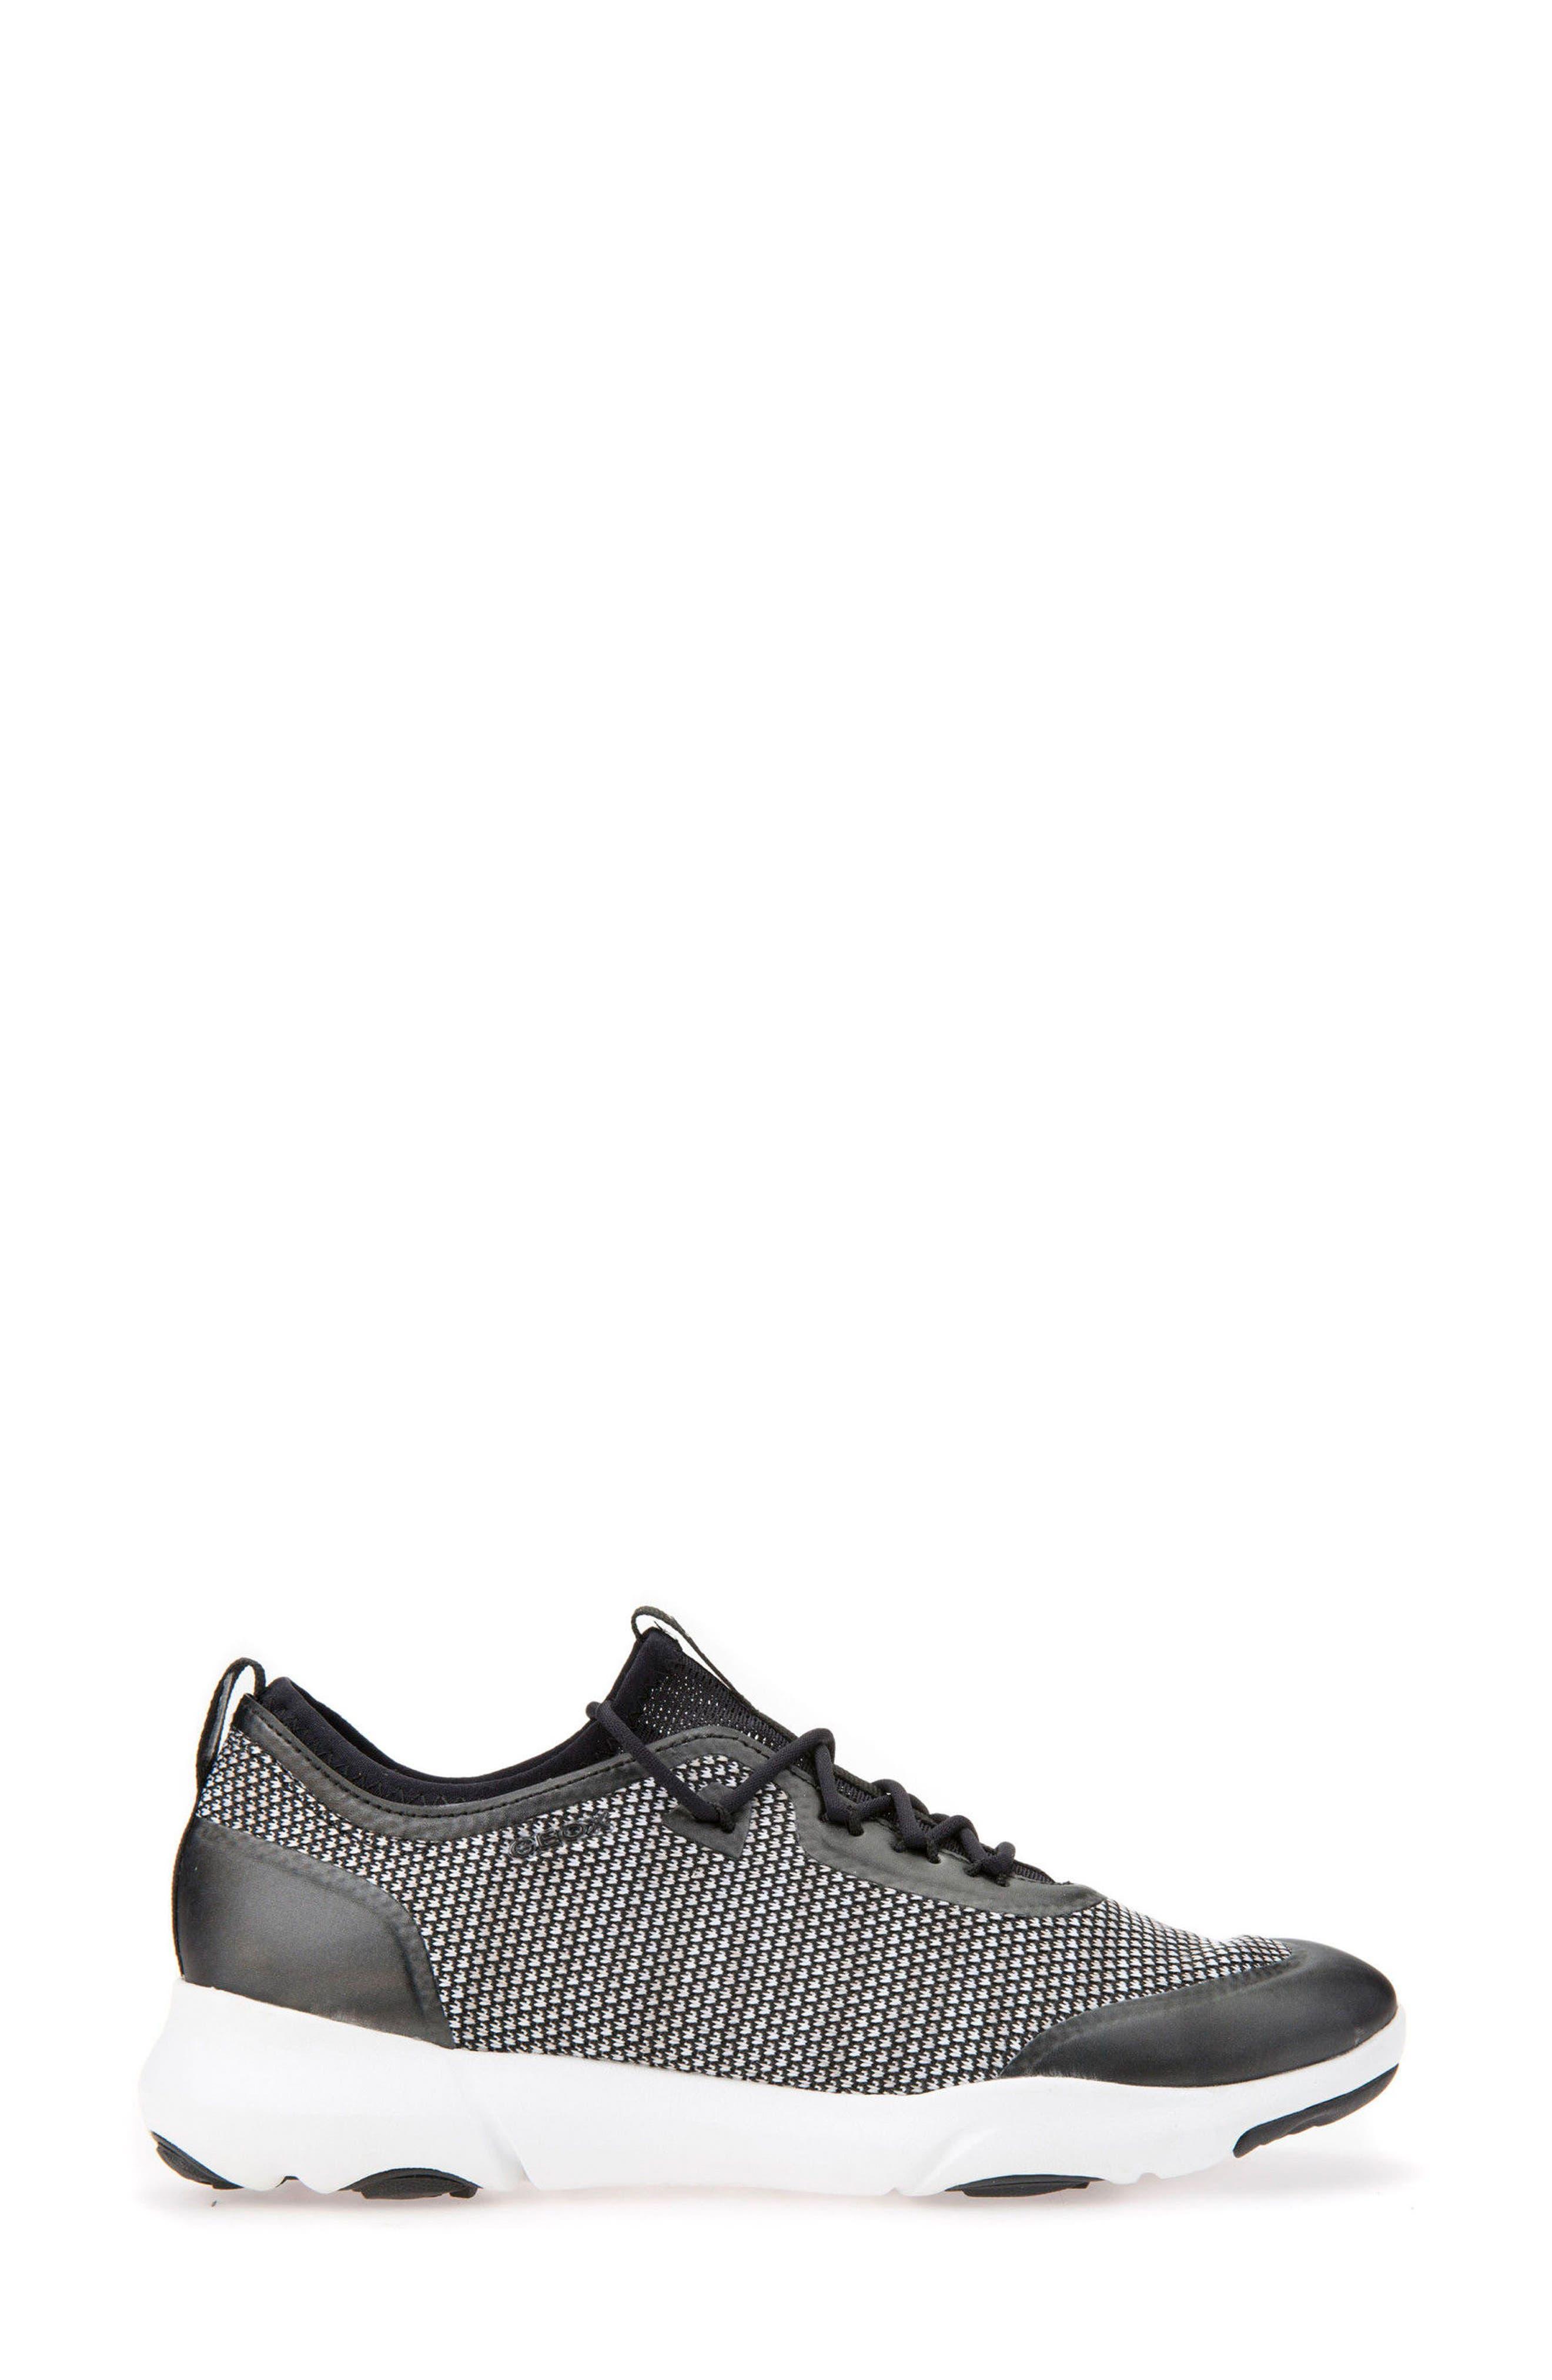 Nebula X Knit Sneaker,                             Alternate thumbnail 3, color,                             BLACK/ WHITE LEATHER